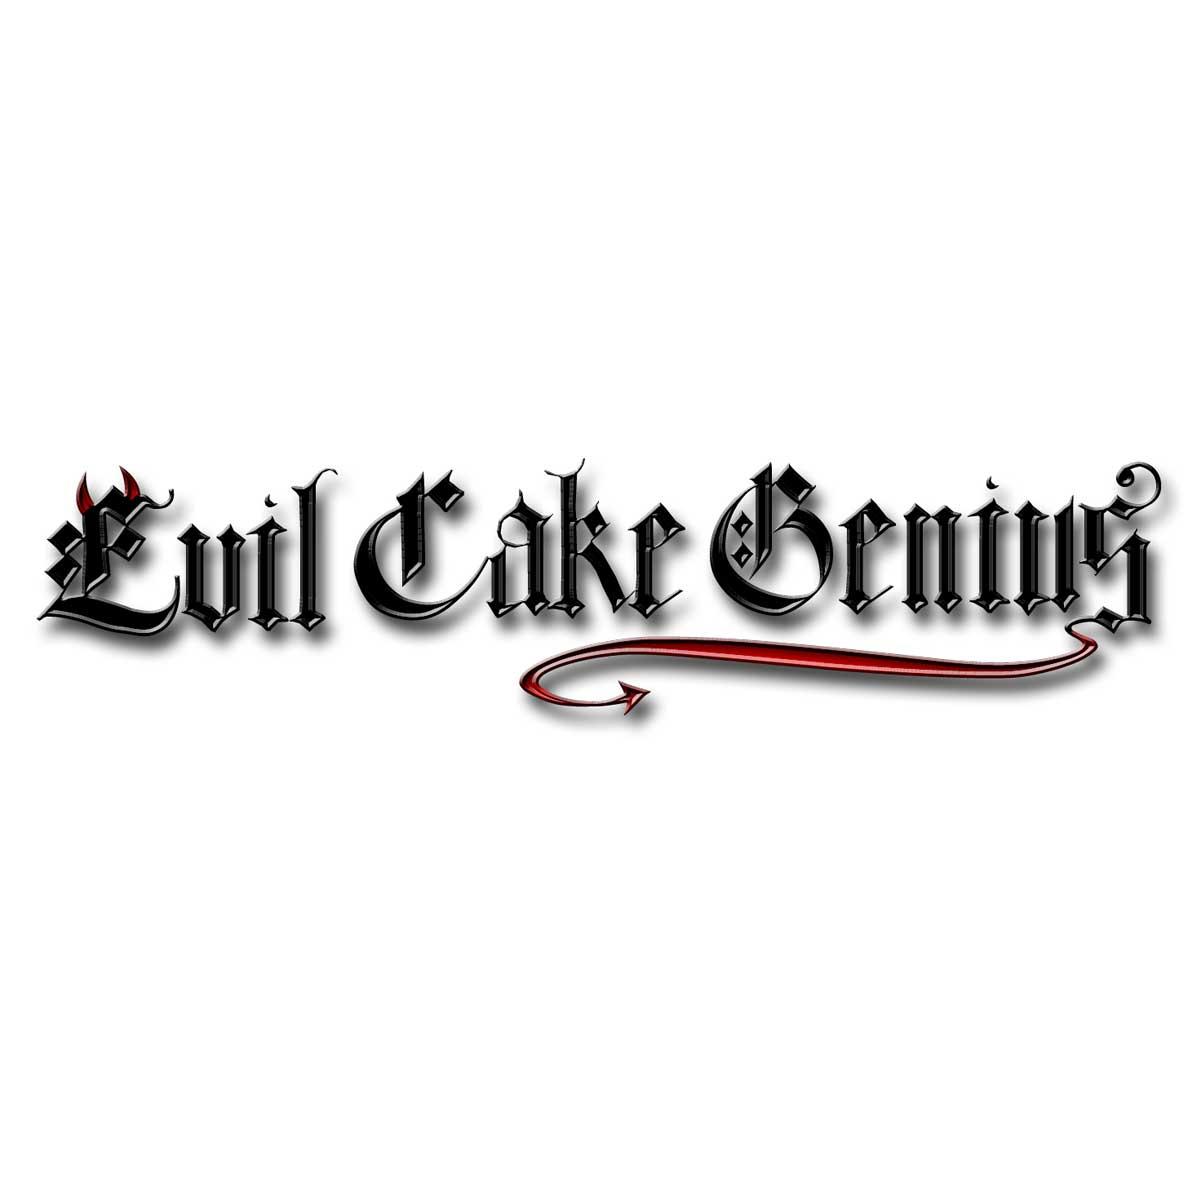 White stuff gateaux apron - Cake Decorating Venn Diagram Apron